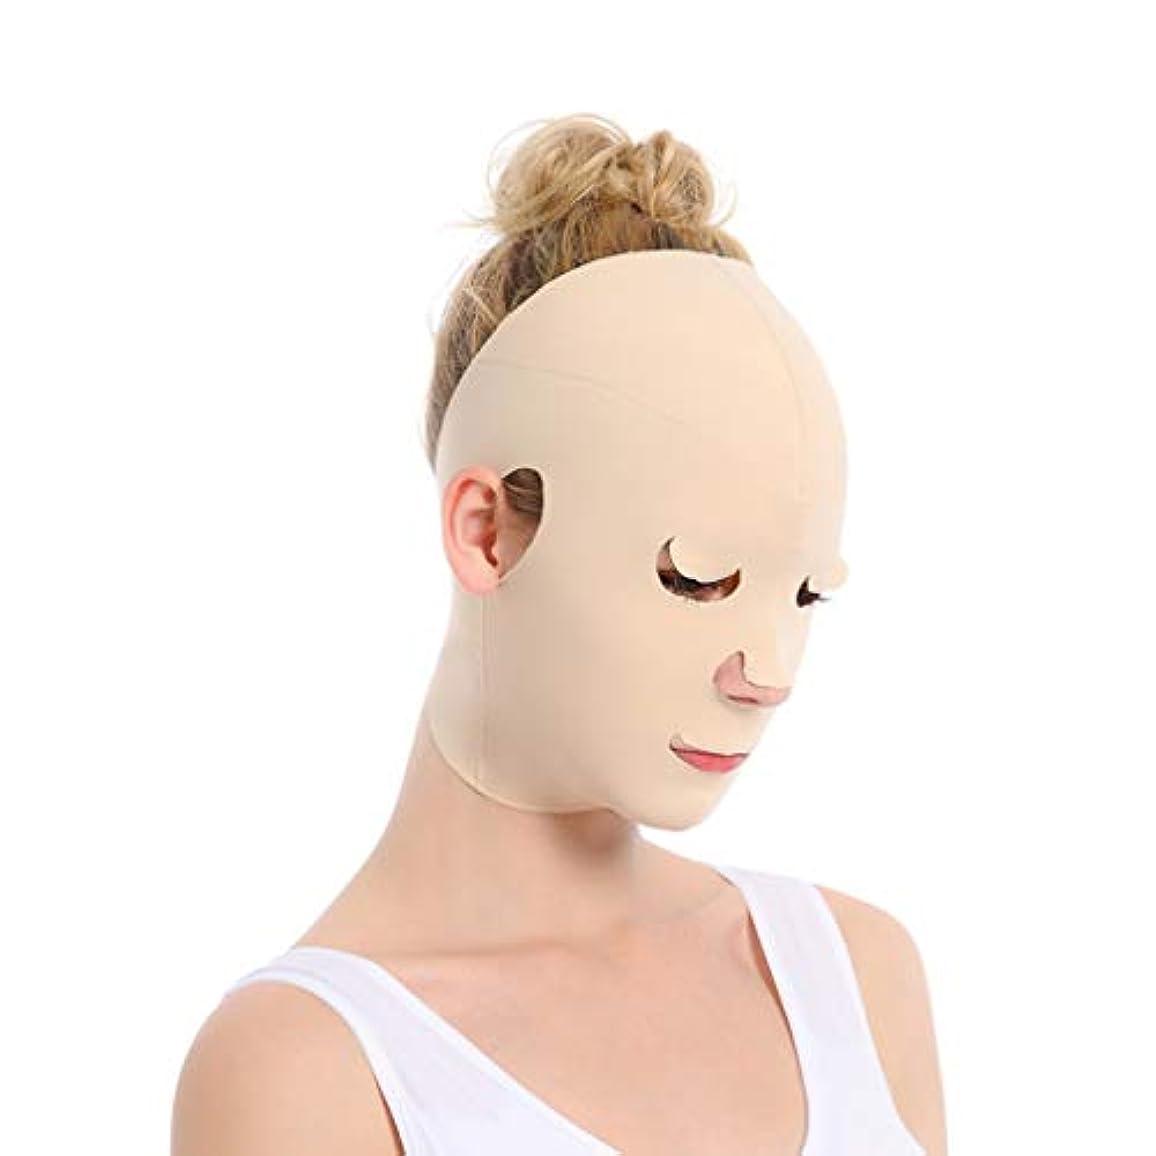 鳴り響く定期的感情フェイスファーミングマスク、フェイスリフト、しわ防止フェイシャル減量ベルト、二重あご減量包帯